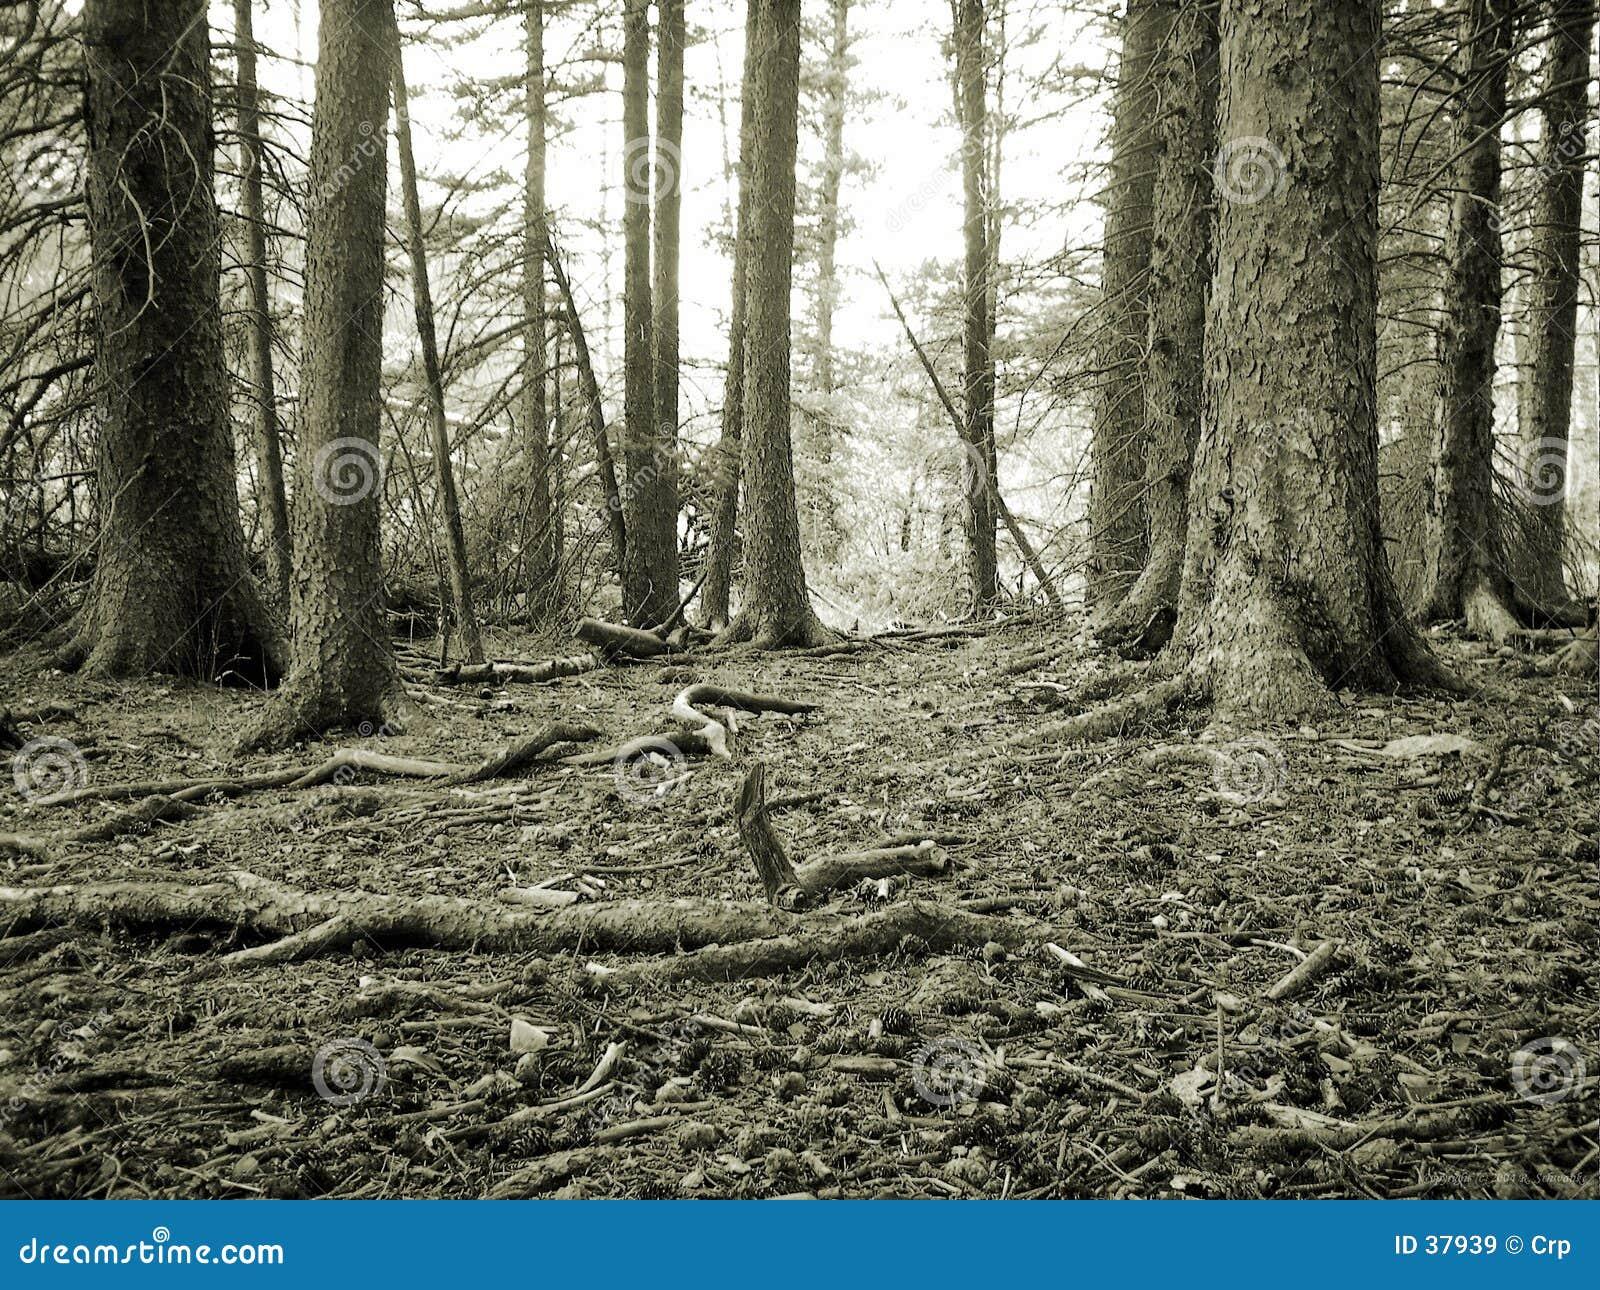 Download Suelo del bosque imagen de archivo. Imagen de detalle, pino - 37939